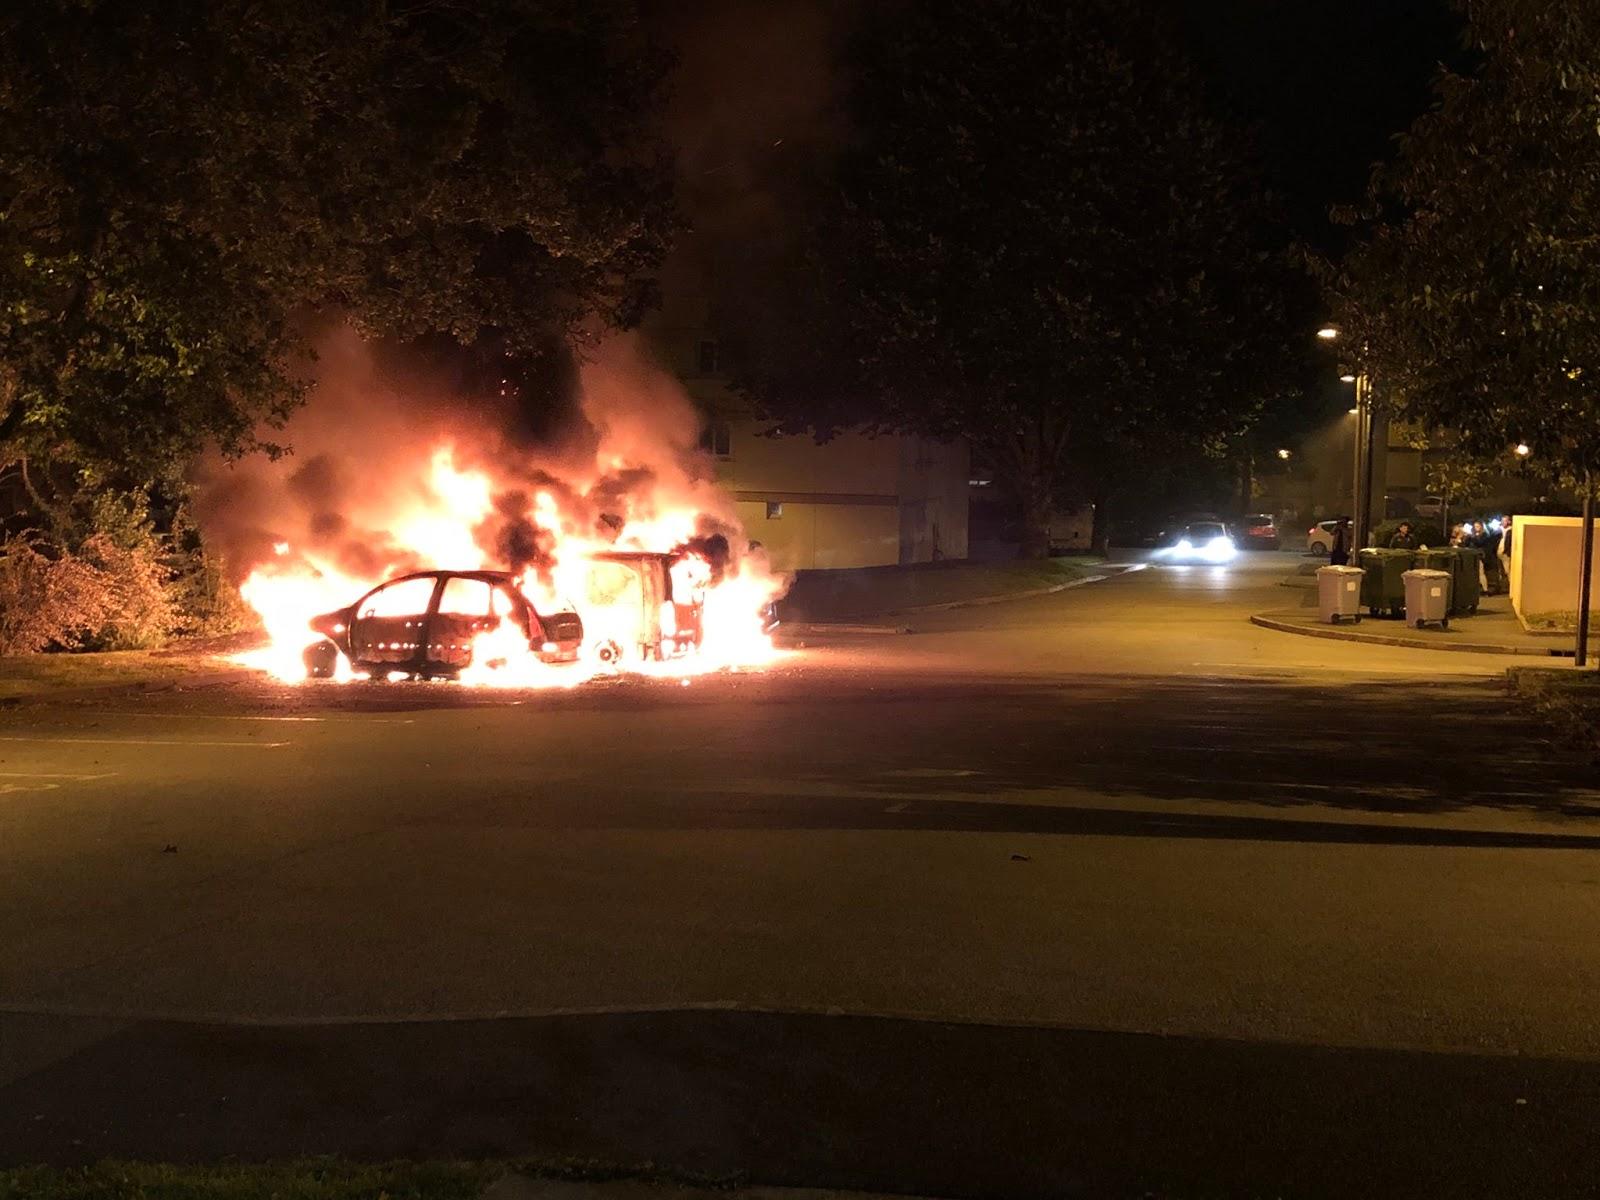 Protestējot pret aizturēšanu Francijā nodedzina 14 automšīnas